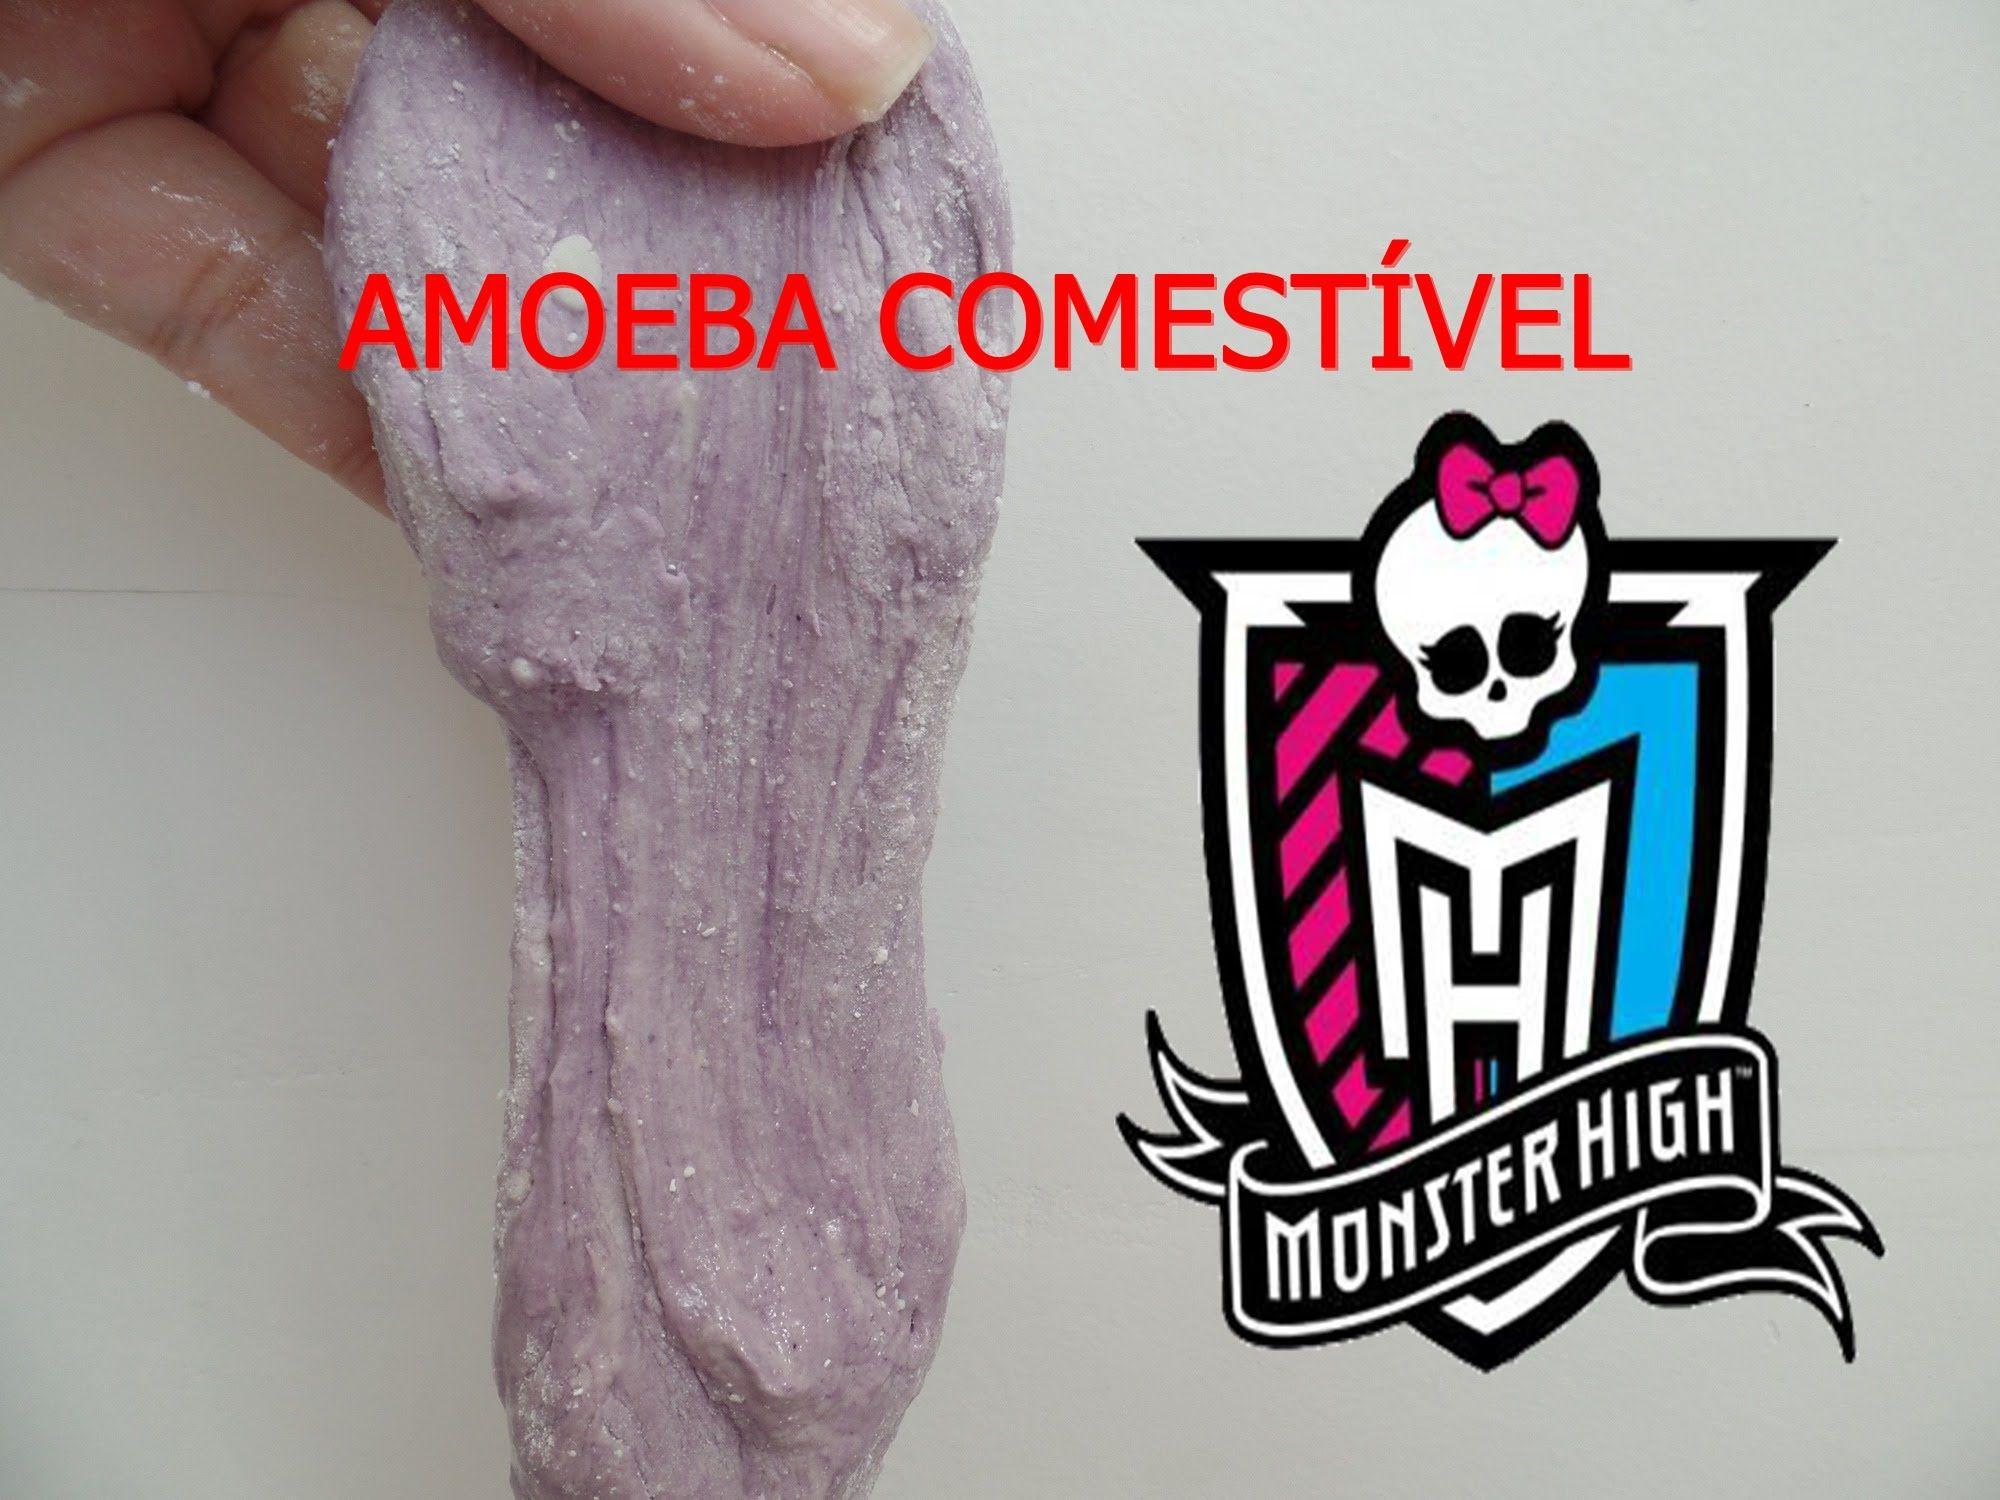 Como fazer Amoeba Comestível da Monster High, fácil e muito gostosa!